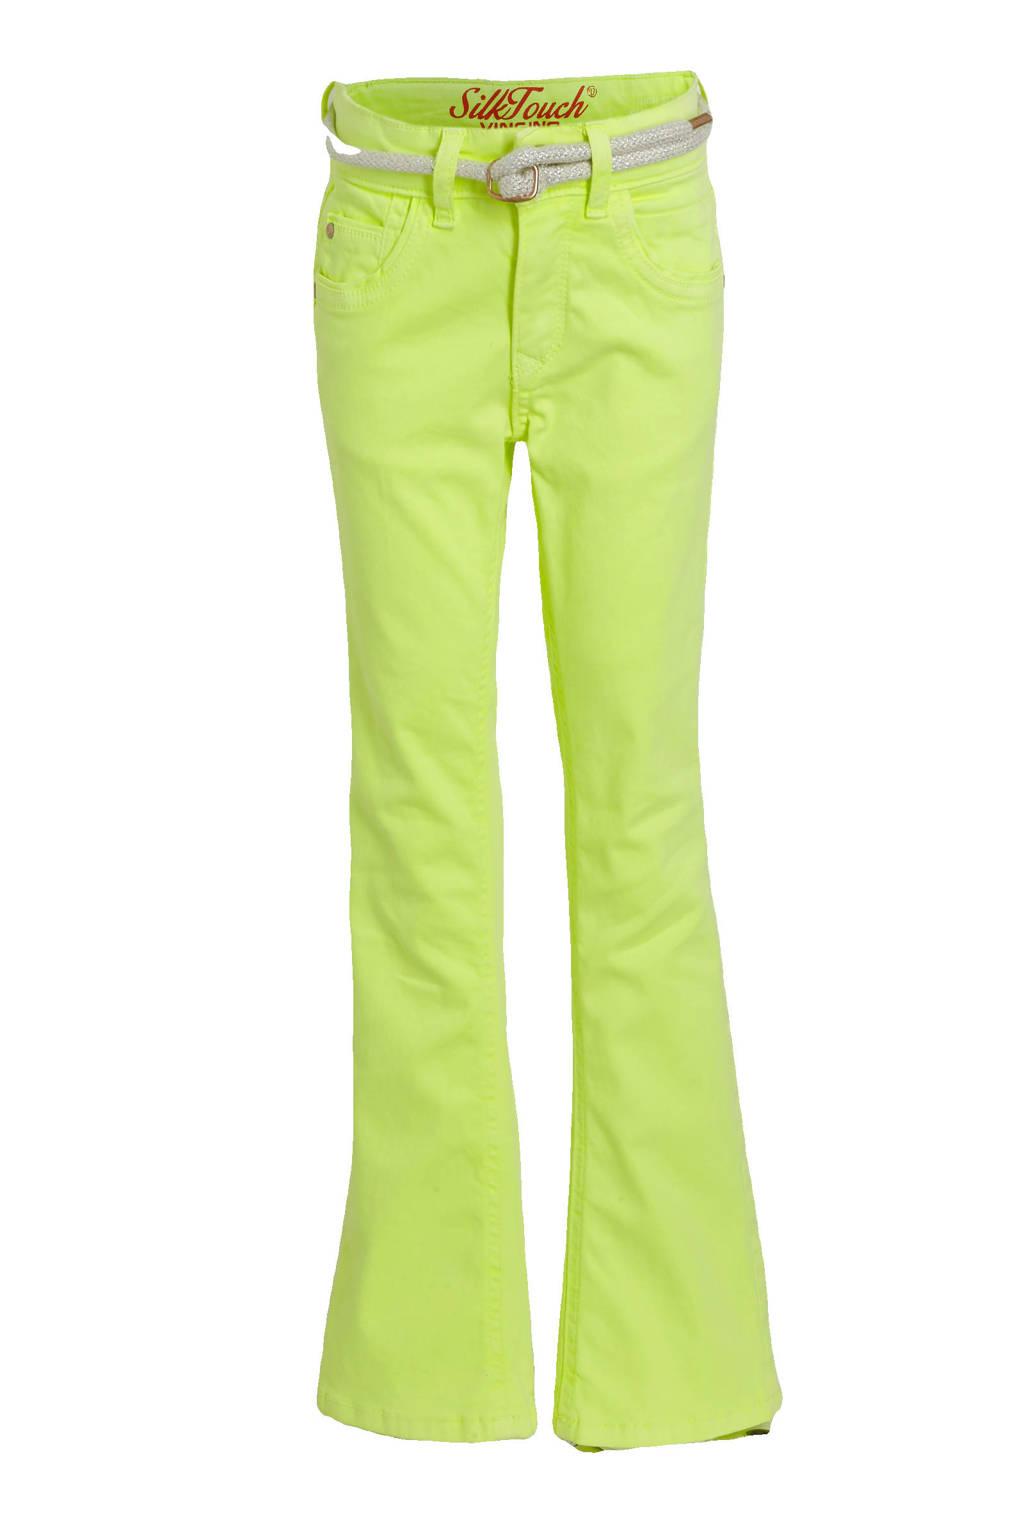 Vingino high waist flared broek Belize Flare neon geel, Neon geel